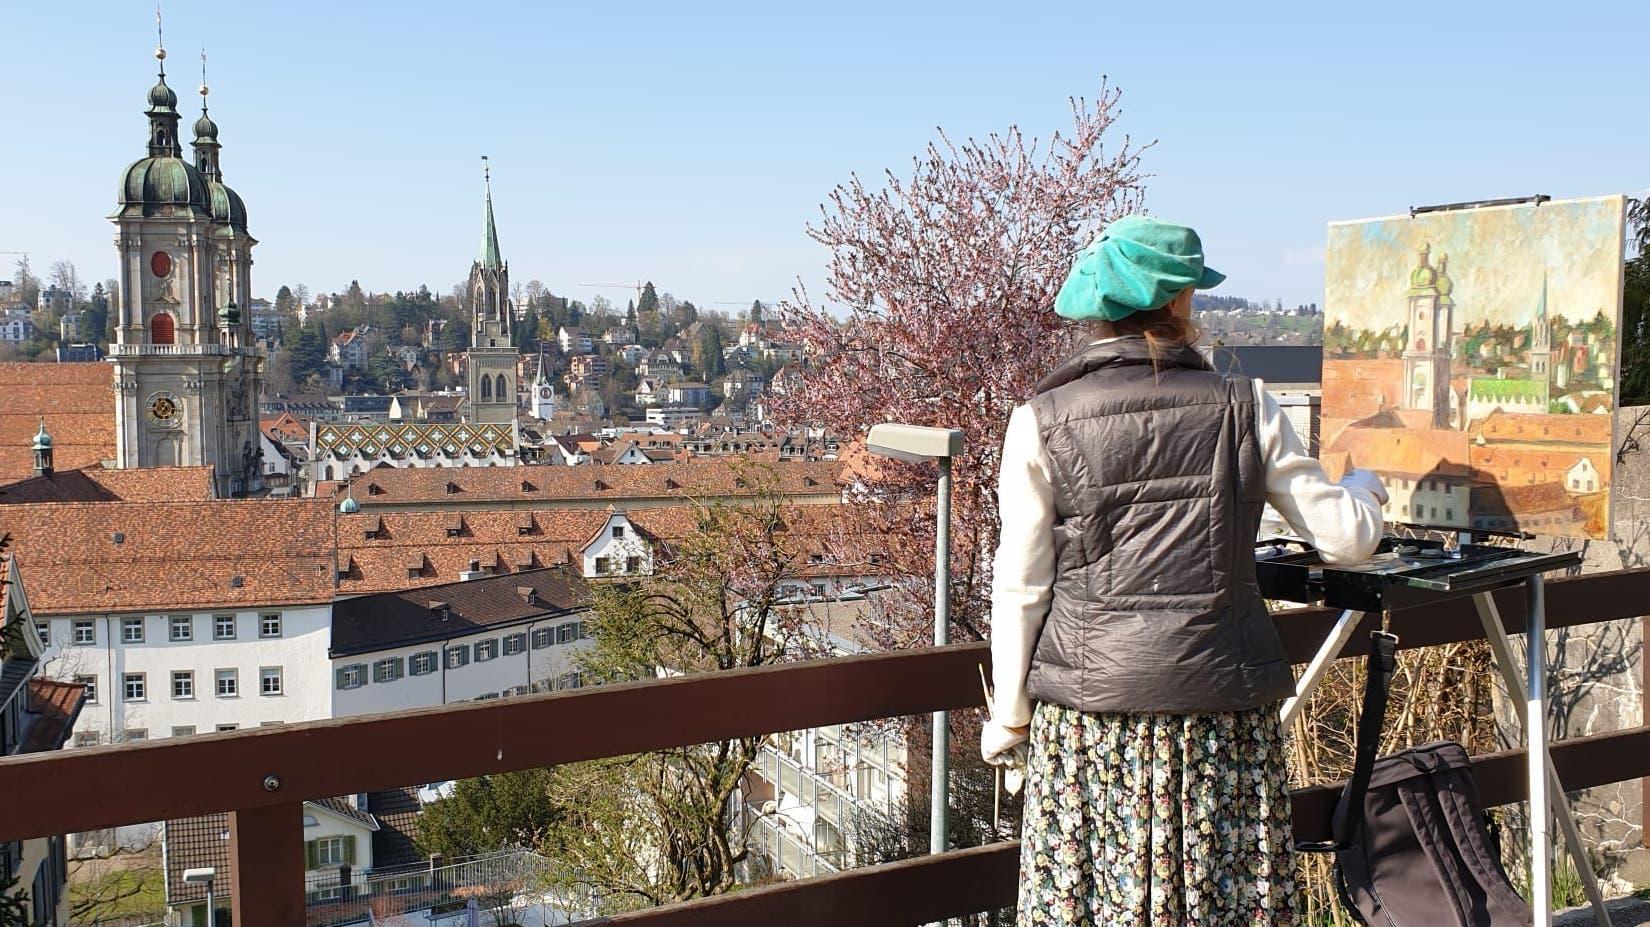 Diesen Sommer war Anna Maria Fusaro aus München mit Staffelei, Pinsel und Farben in St.Gallen unterwegs. Ab Freitag sind ihre Bilder hier ausgestellt.